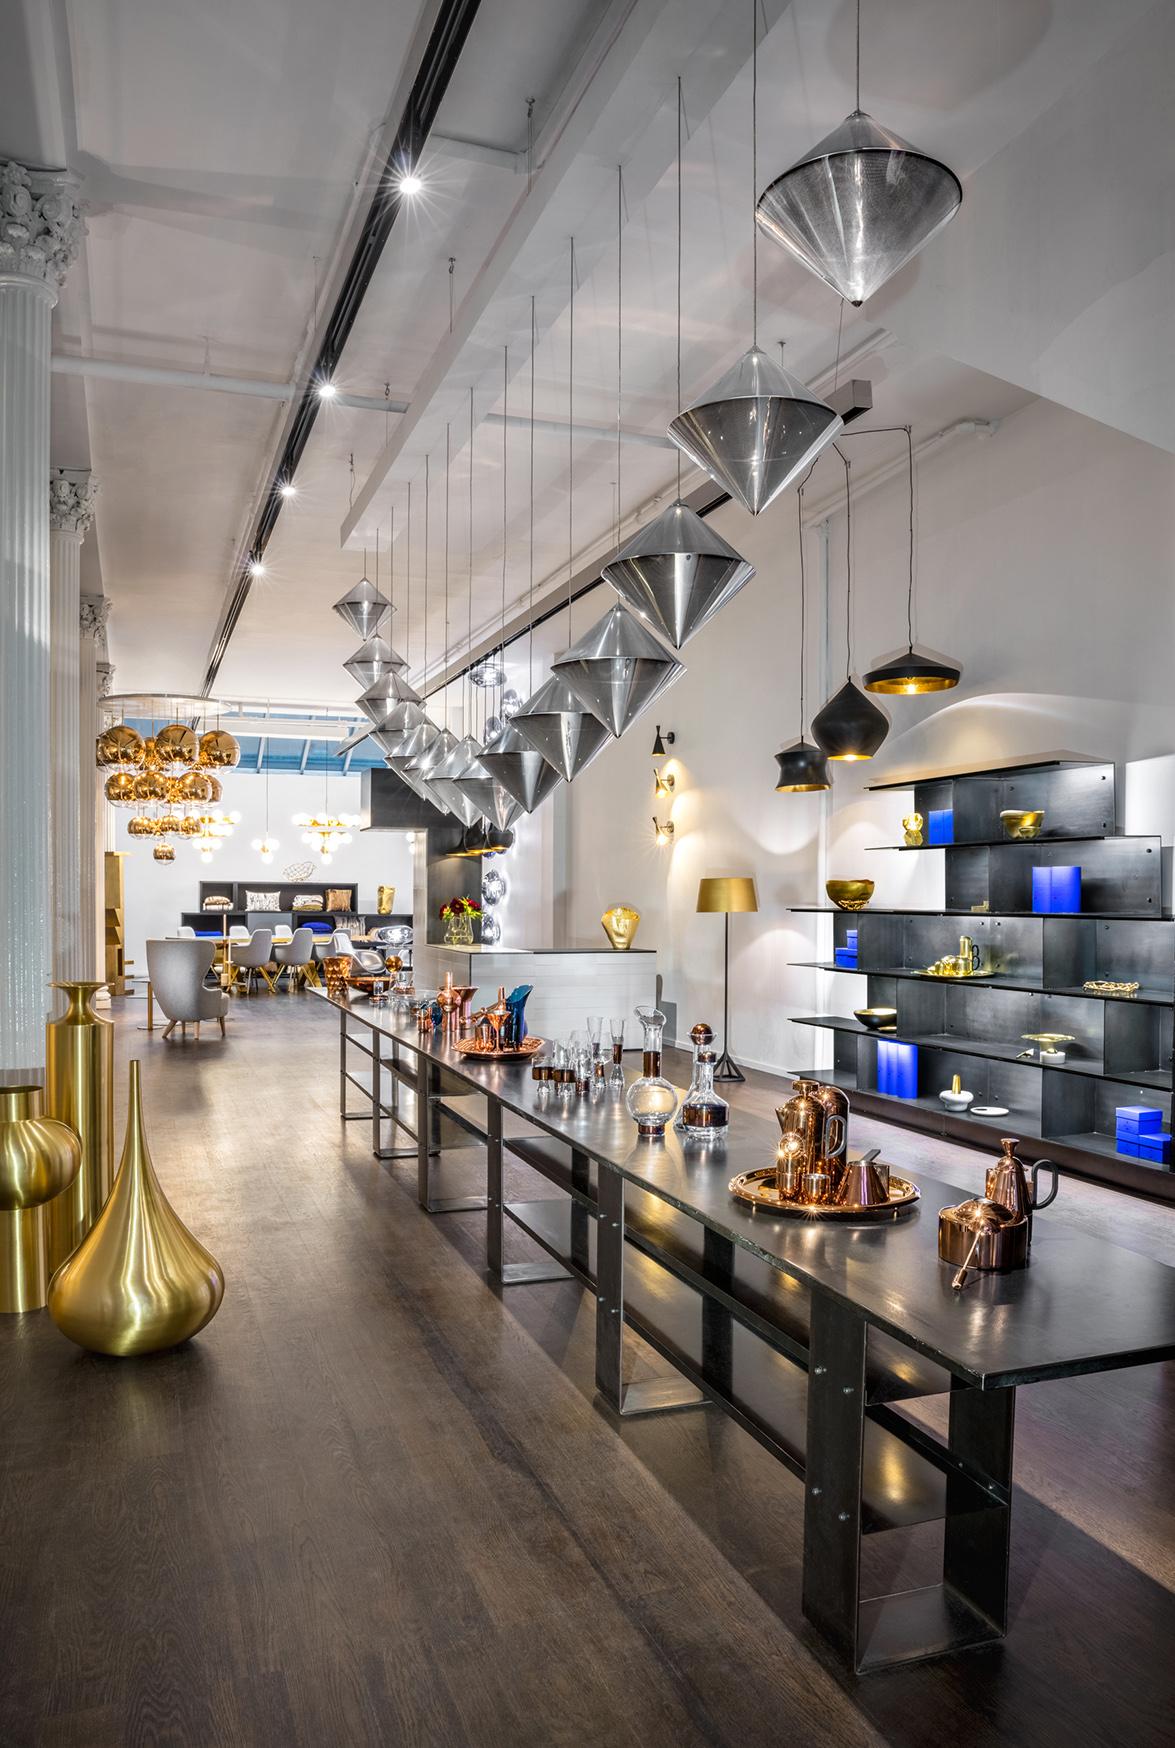 Excepcional Cocina De Diseño De Nueva York Imágenes - Ideas de ...